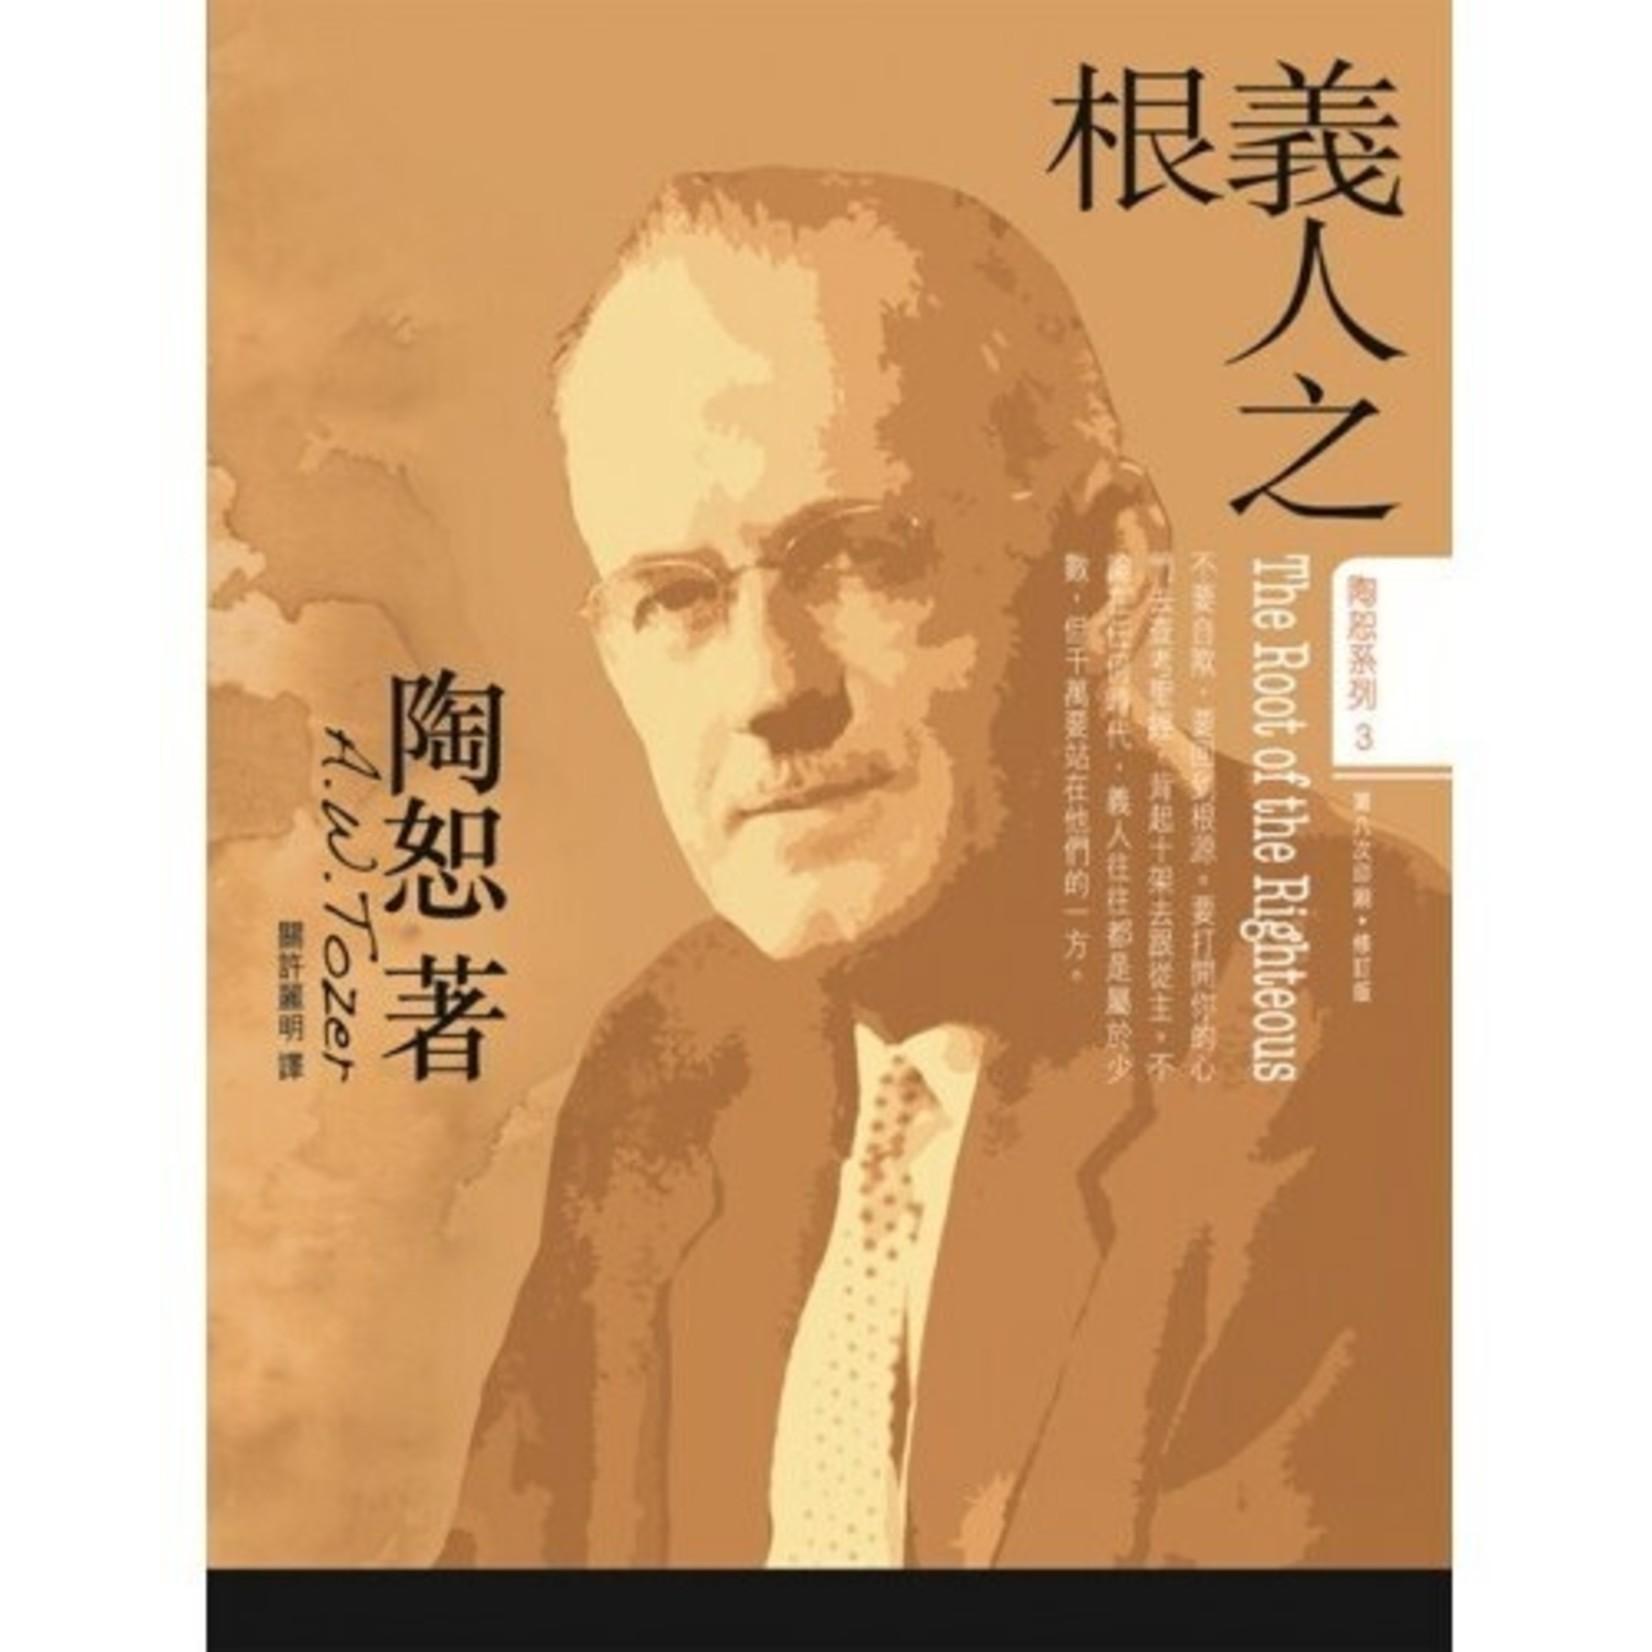 宣道 China Alliance Press 陶恕系列03:義人之根 The Root Of The Righteous